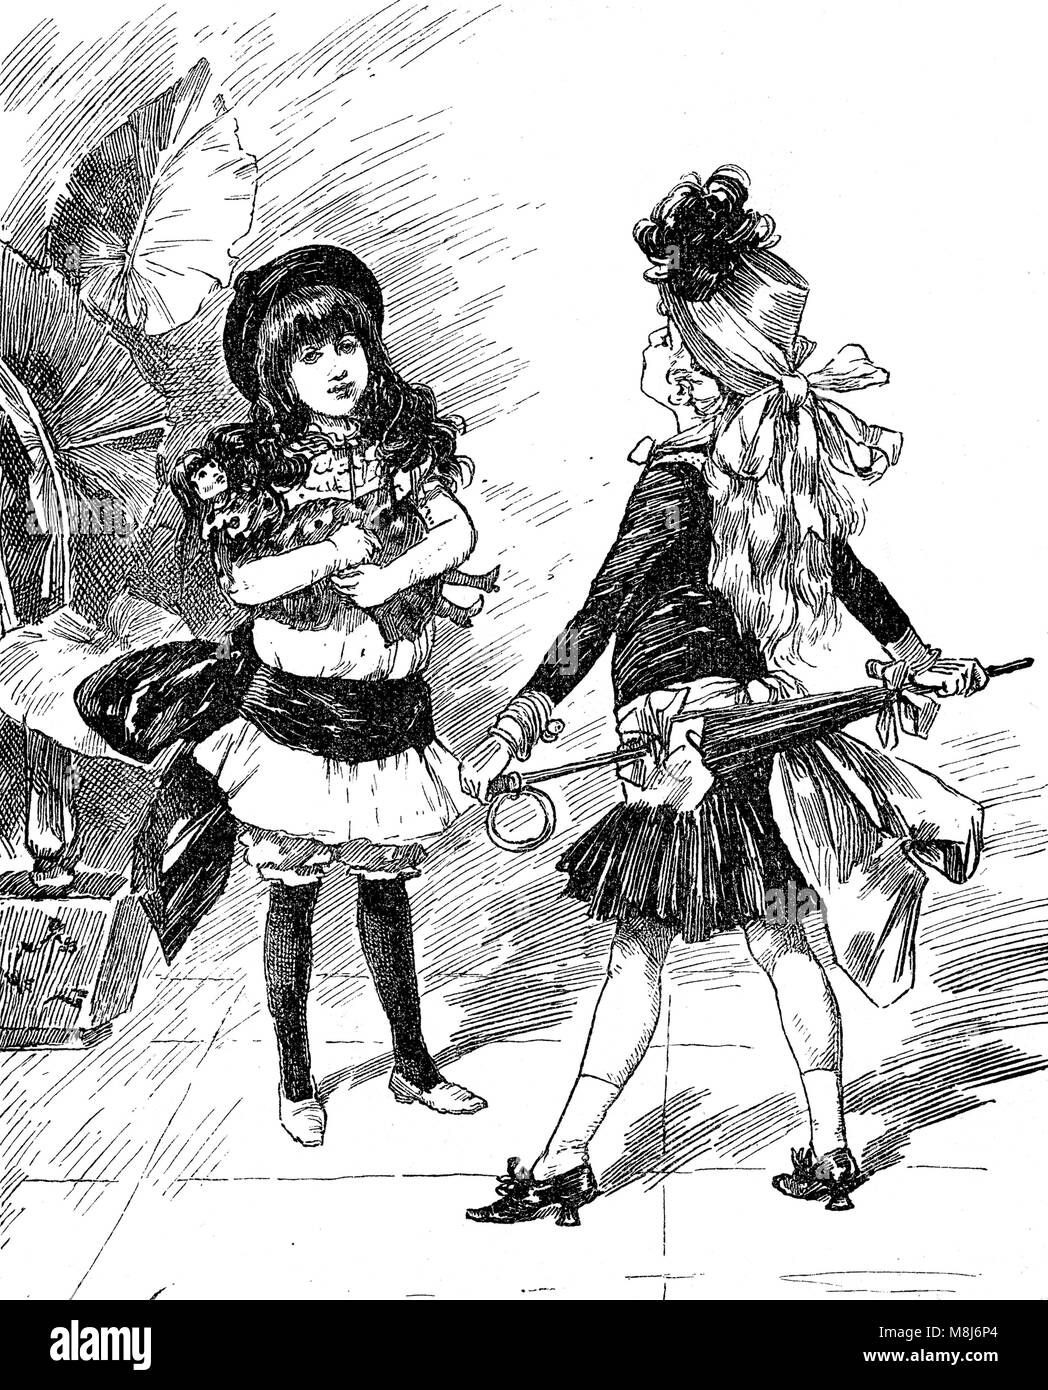 Vintage caricaturas y diversión: Moda chicas jóvenes enfrentándolos con trajes de fantasía Imagen De Stock